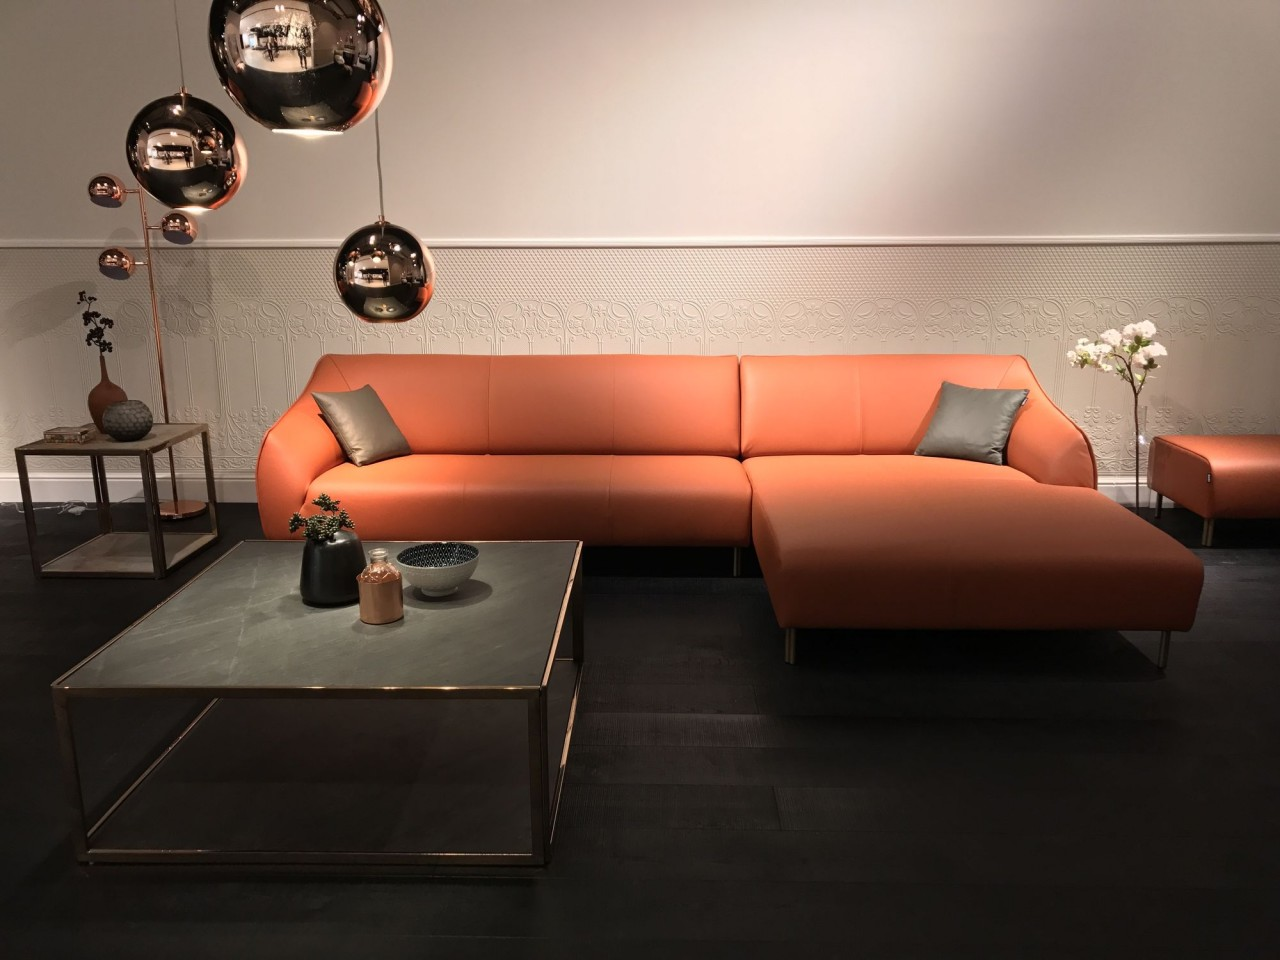 Full Size of Freistil Ausstellungsstück 132 Rolf Benz Sofa Mit Recamiere Im Edlen Nappa Leder Bett Küche Wohnzimmer Freistil Ausstellungsstück